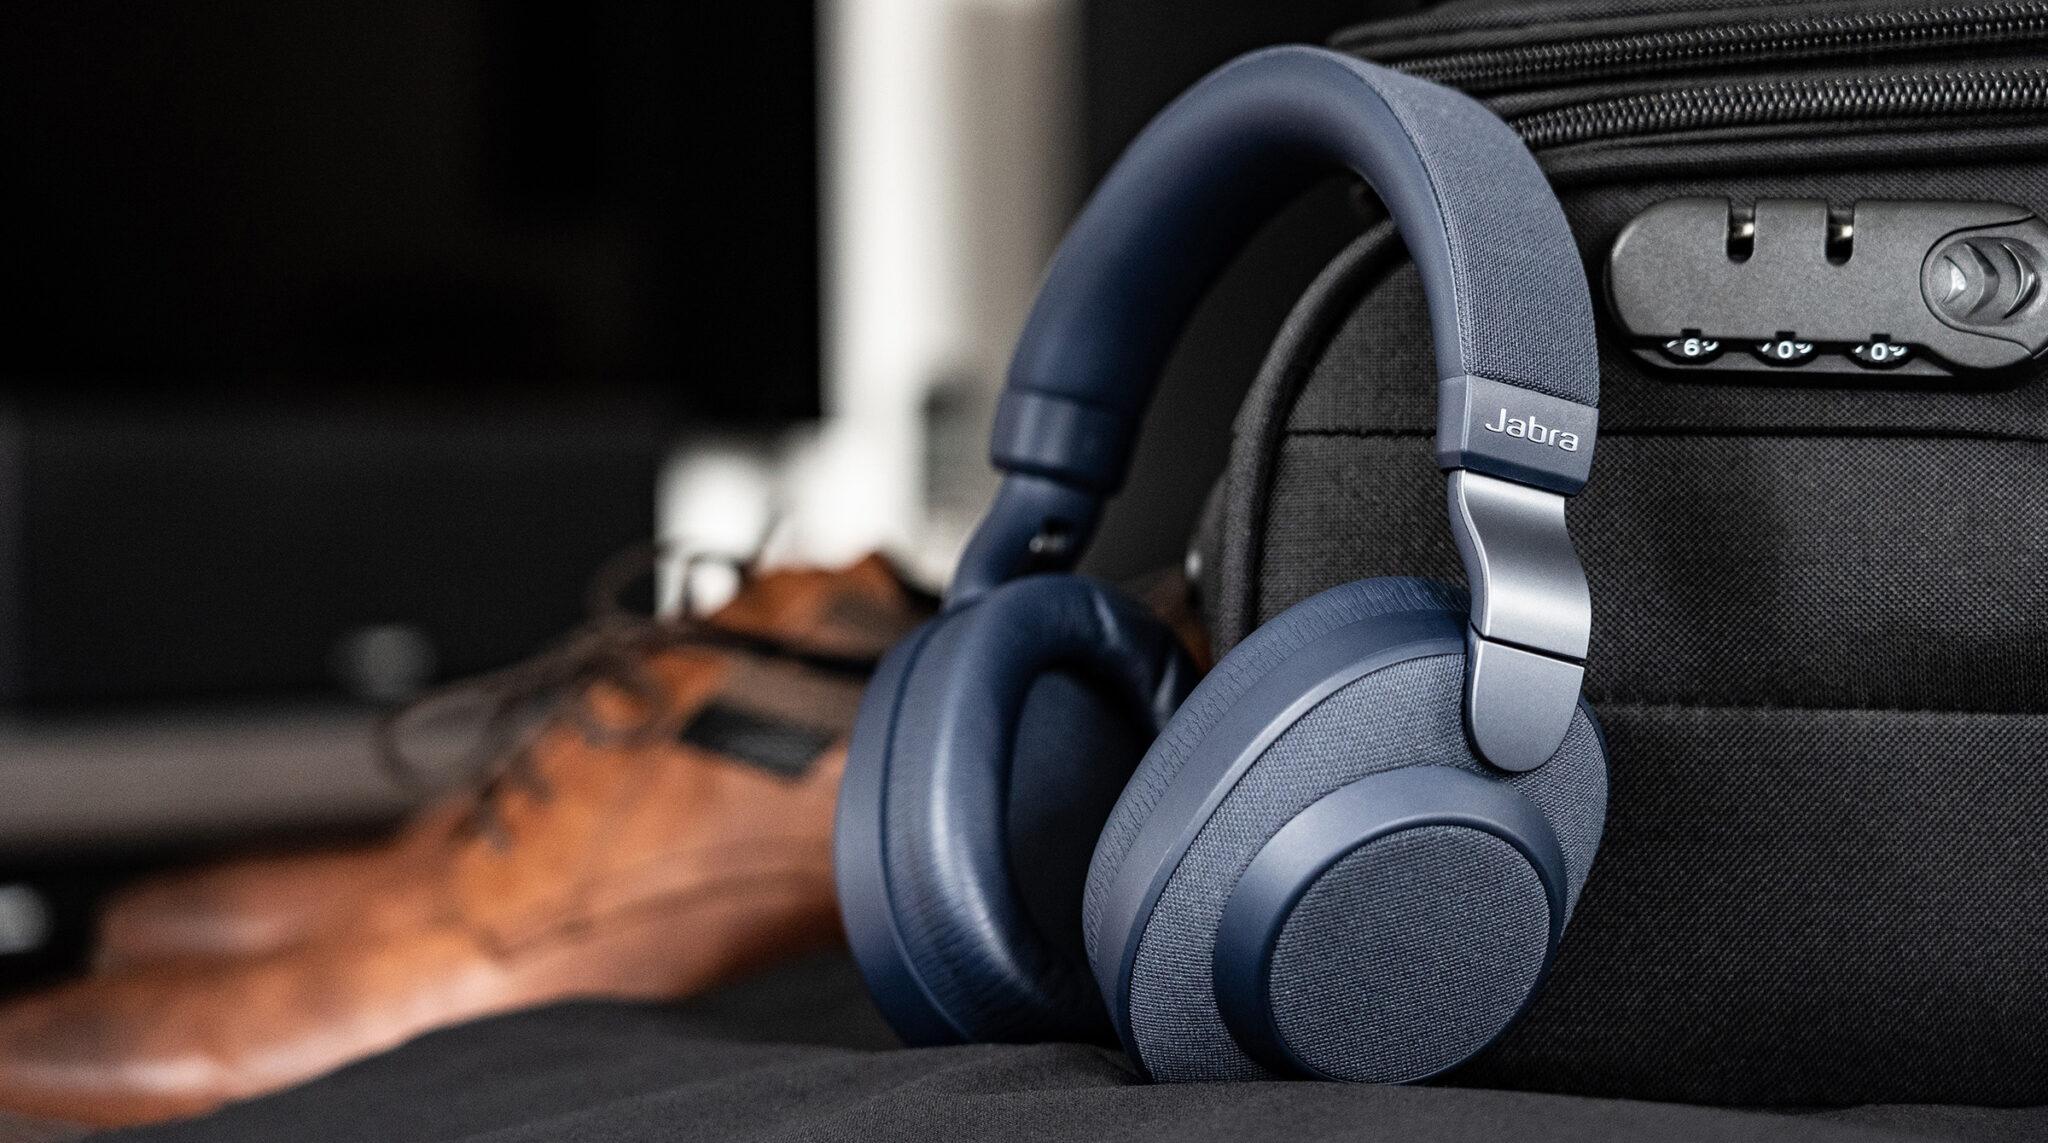 Jabra Elite 85h im Test: Business-Headset setzt auf ANC, lange Akkulaufzeit und Sprach-Assistenten